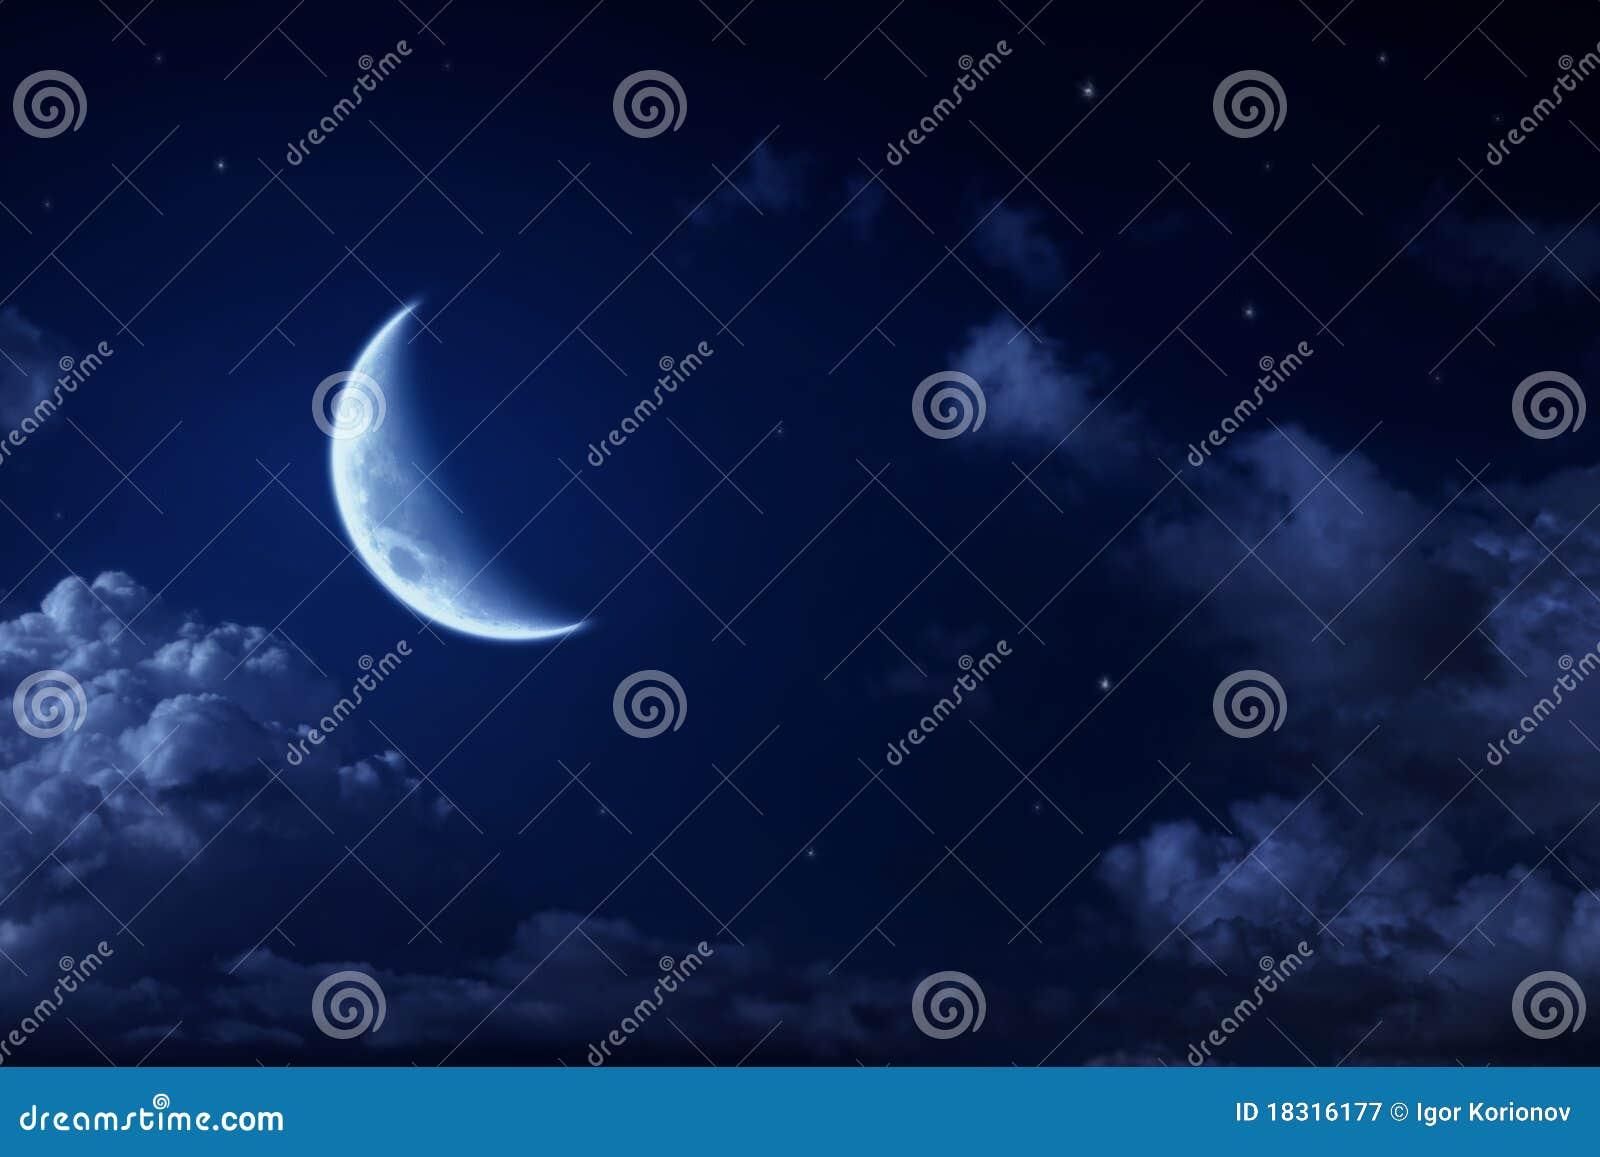 Duży błękitny chmurne księżyc nocnego nieba gwiazdy